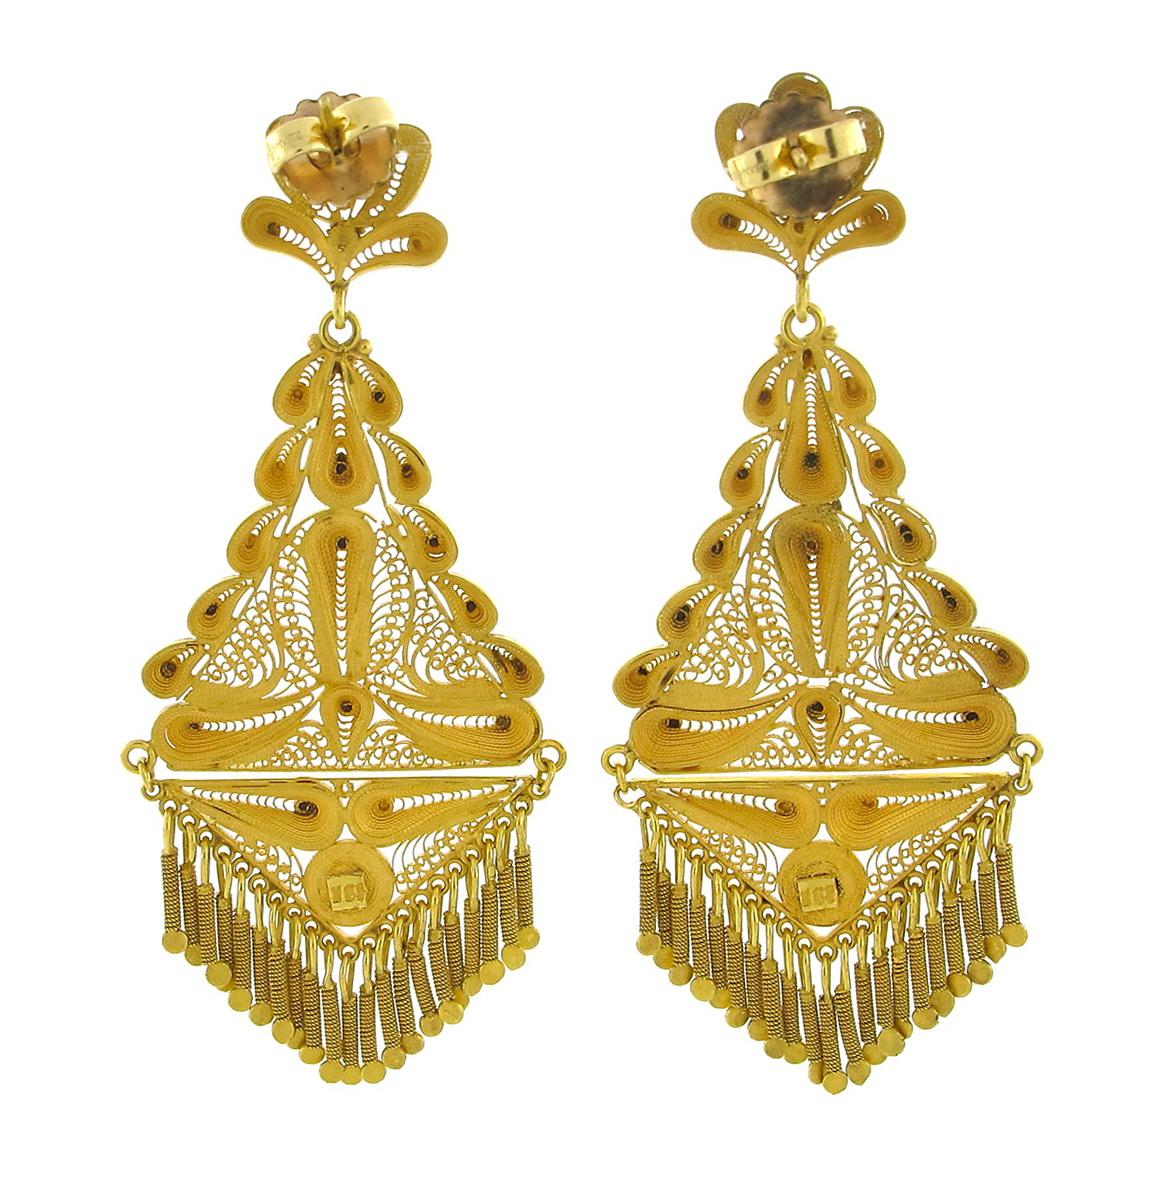 Indian Diamond Chandelier Earrings